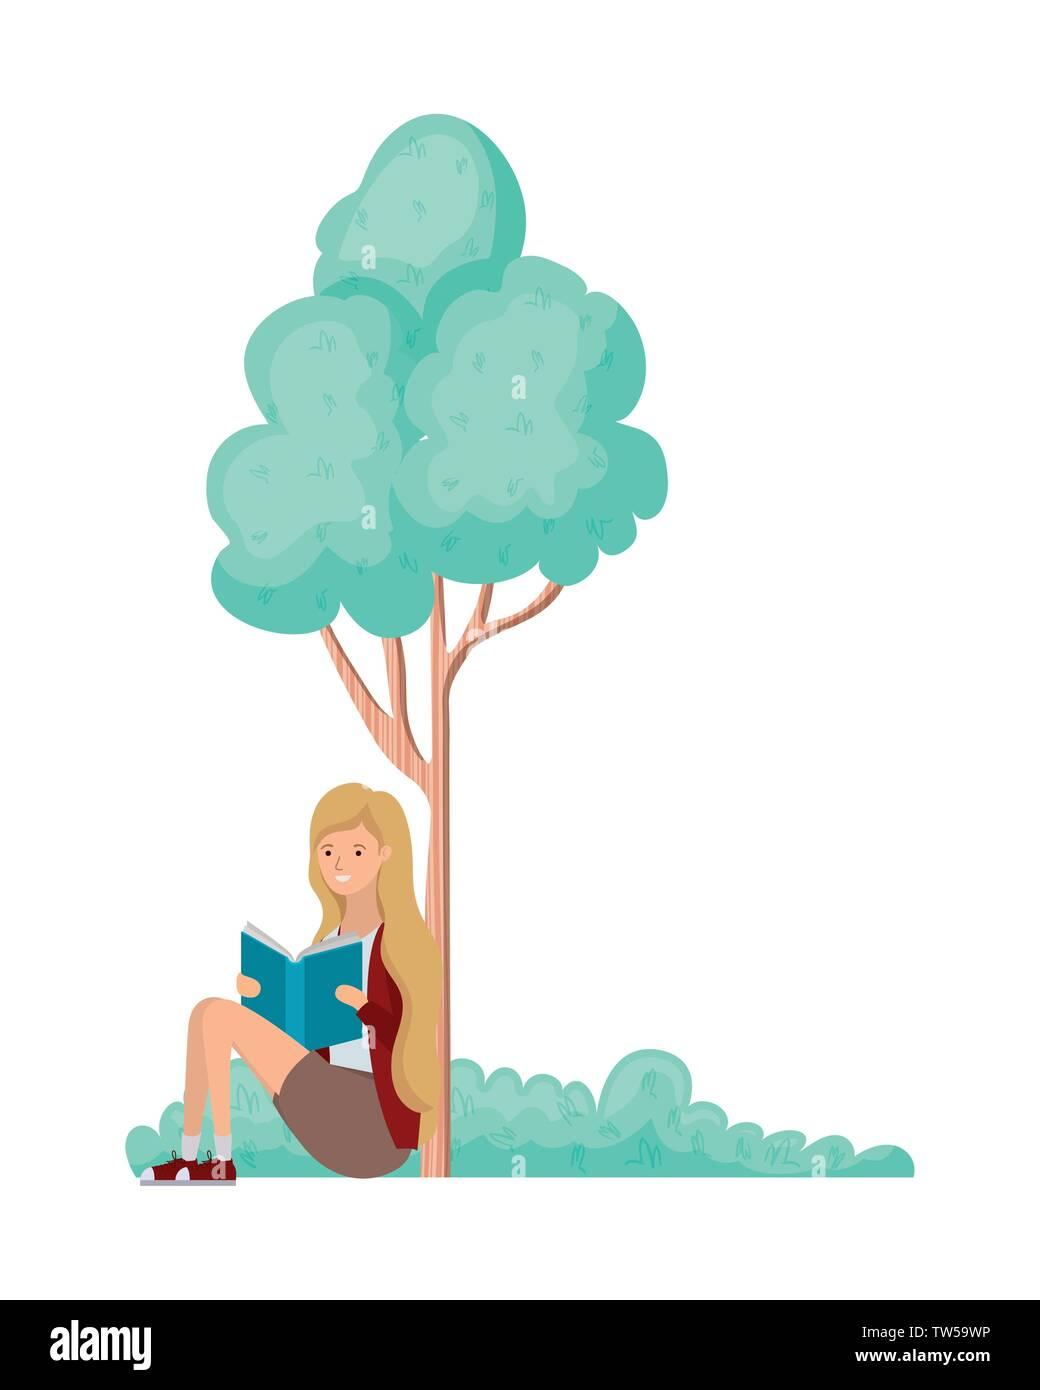 Sitzende Frau mit Buch in der Landschaft mit Bäumen und Pflanzen Stock Vektor